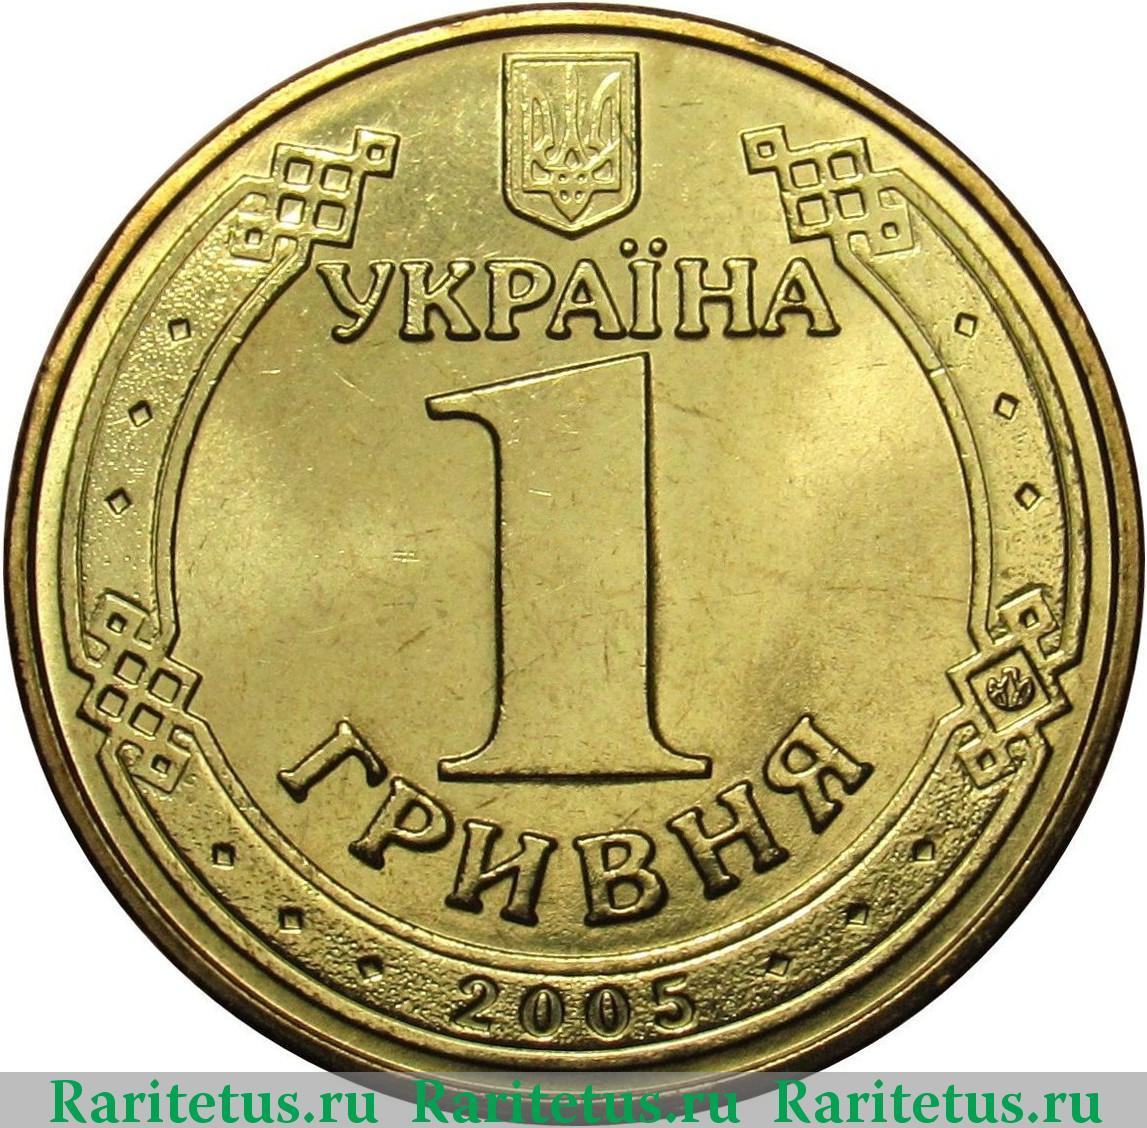 Гривна 2005 г стоимость альбом памятные монеты ссср